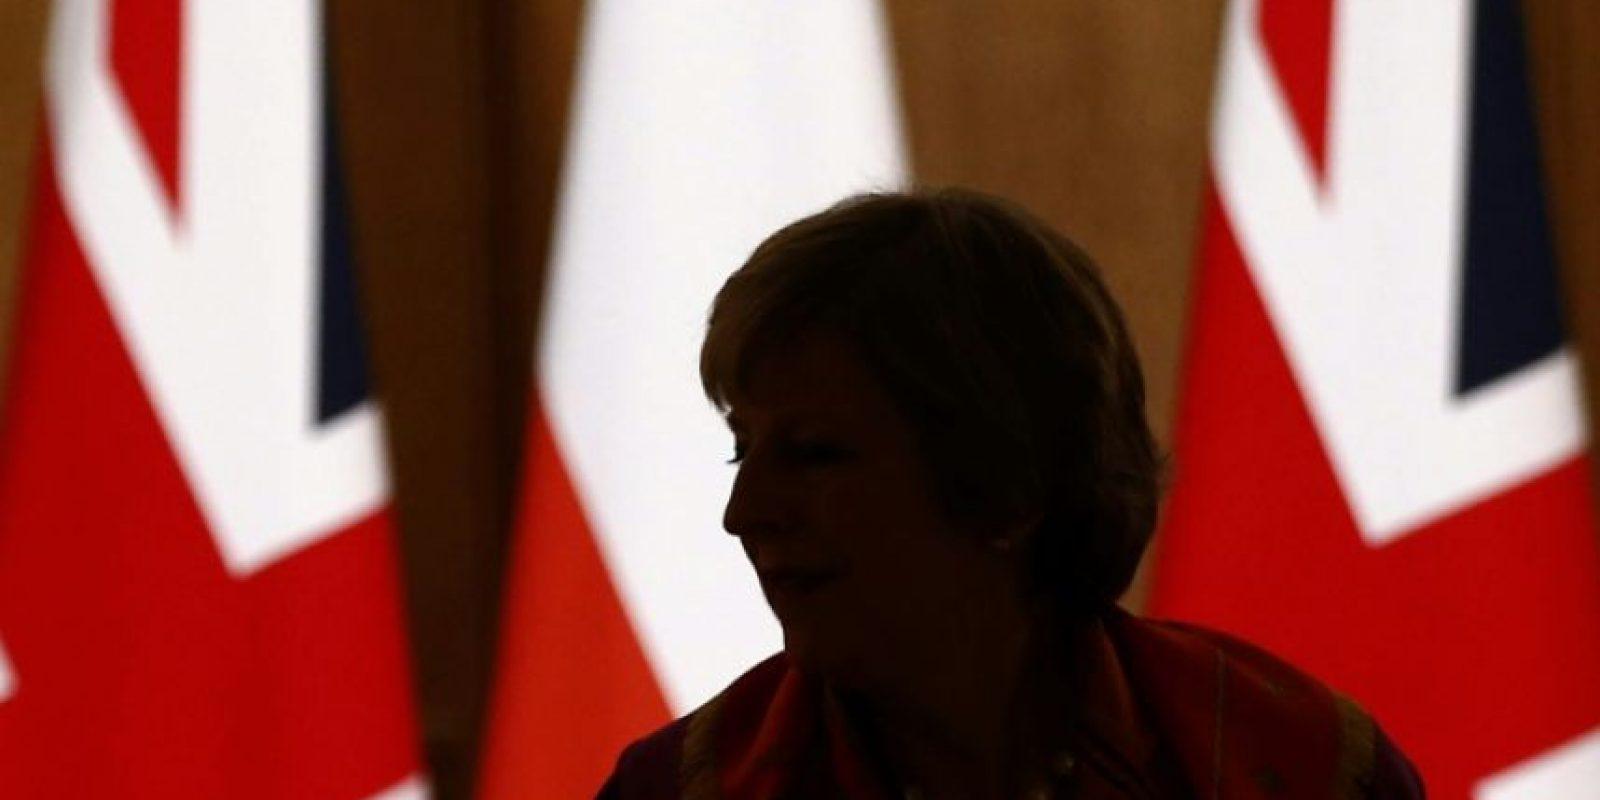 La primera ministra británica, Theresa May, comparece en una rueda de prensa con su homóloga polaca, Beata Szydlo, el 28 de noviembre de 2016 en Londres Foto:Peter Nicholls/afp.com